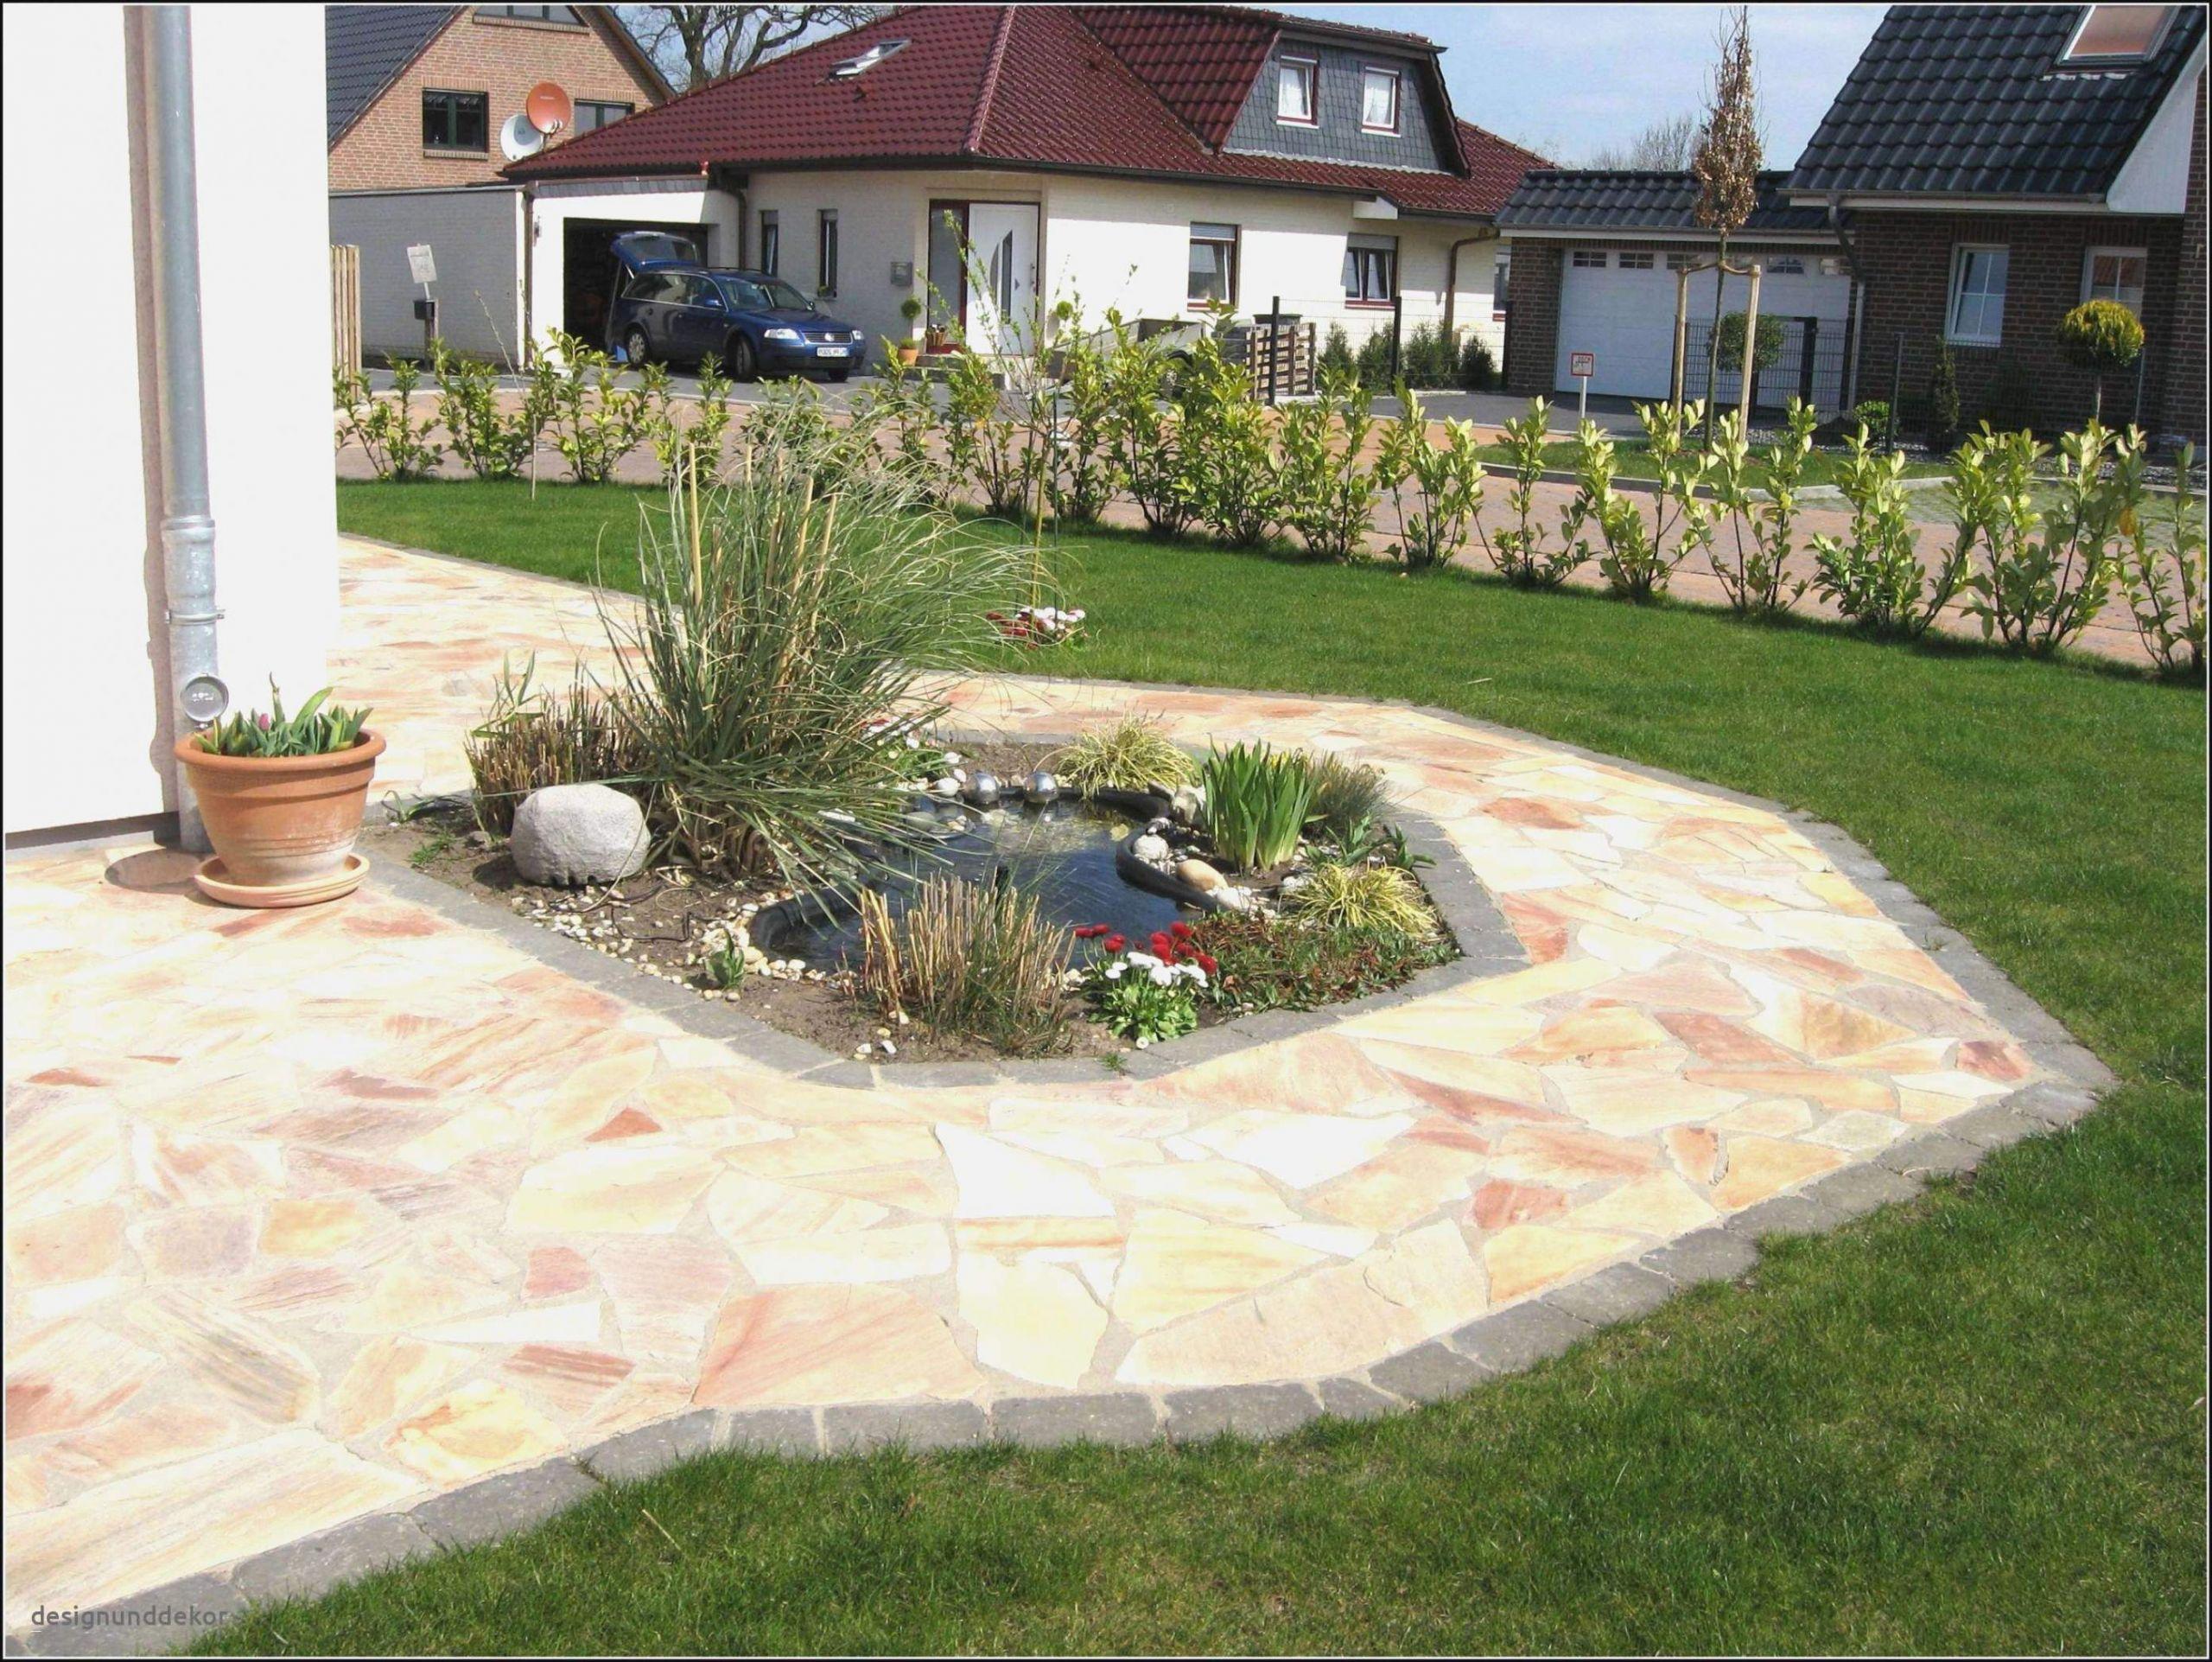 Garten Gestalten Mit Steinen Schön Gartengestaltung Mit Holz Und Stein — Temobardz Home Blog